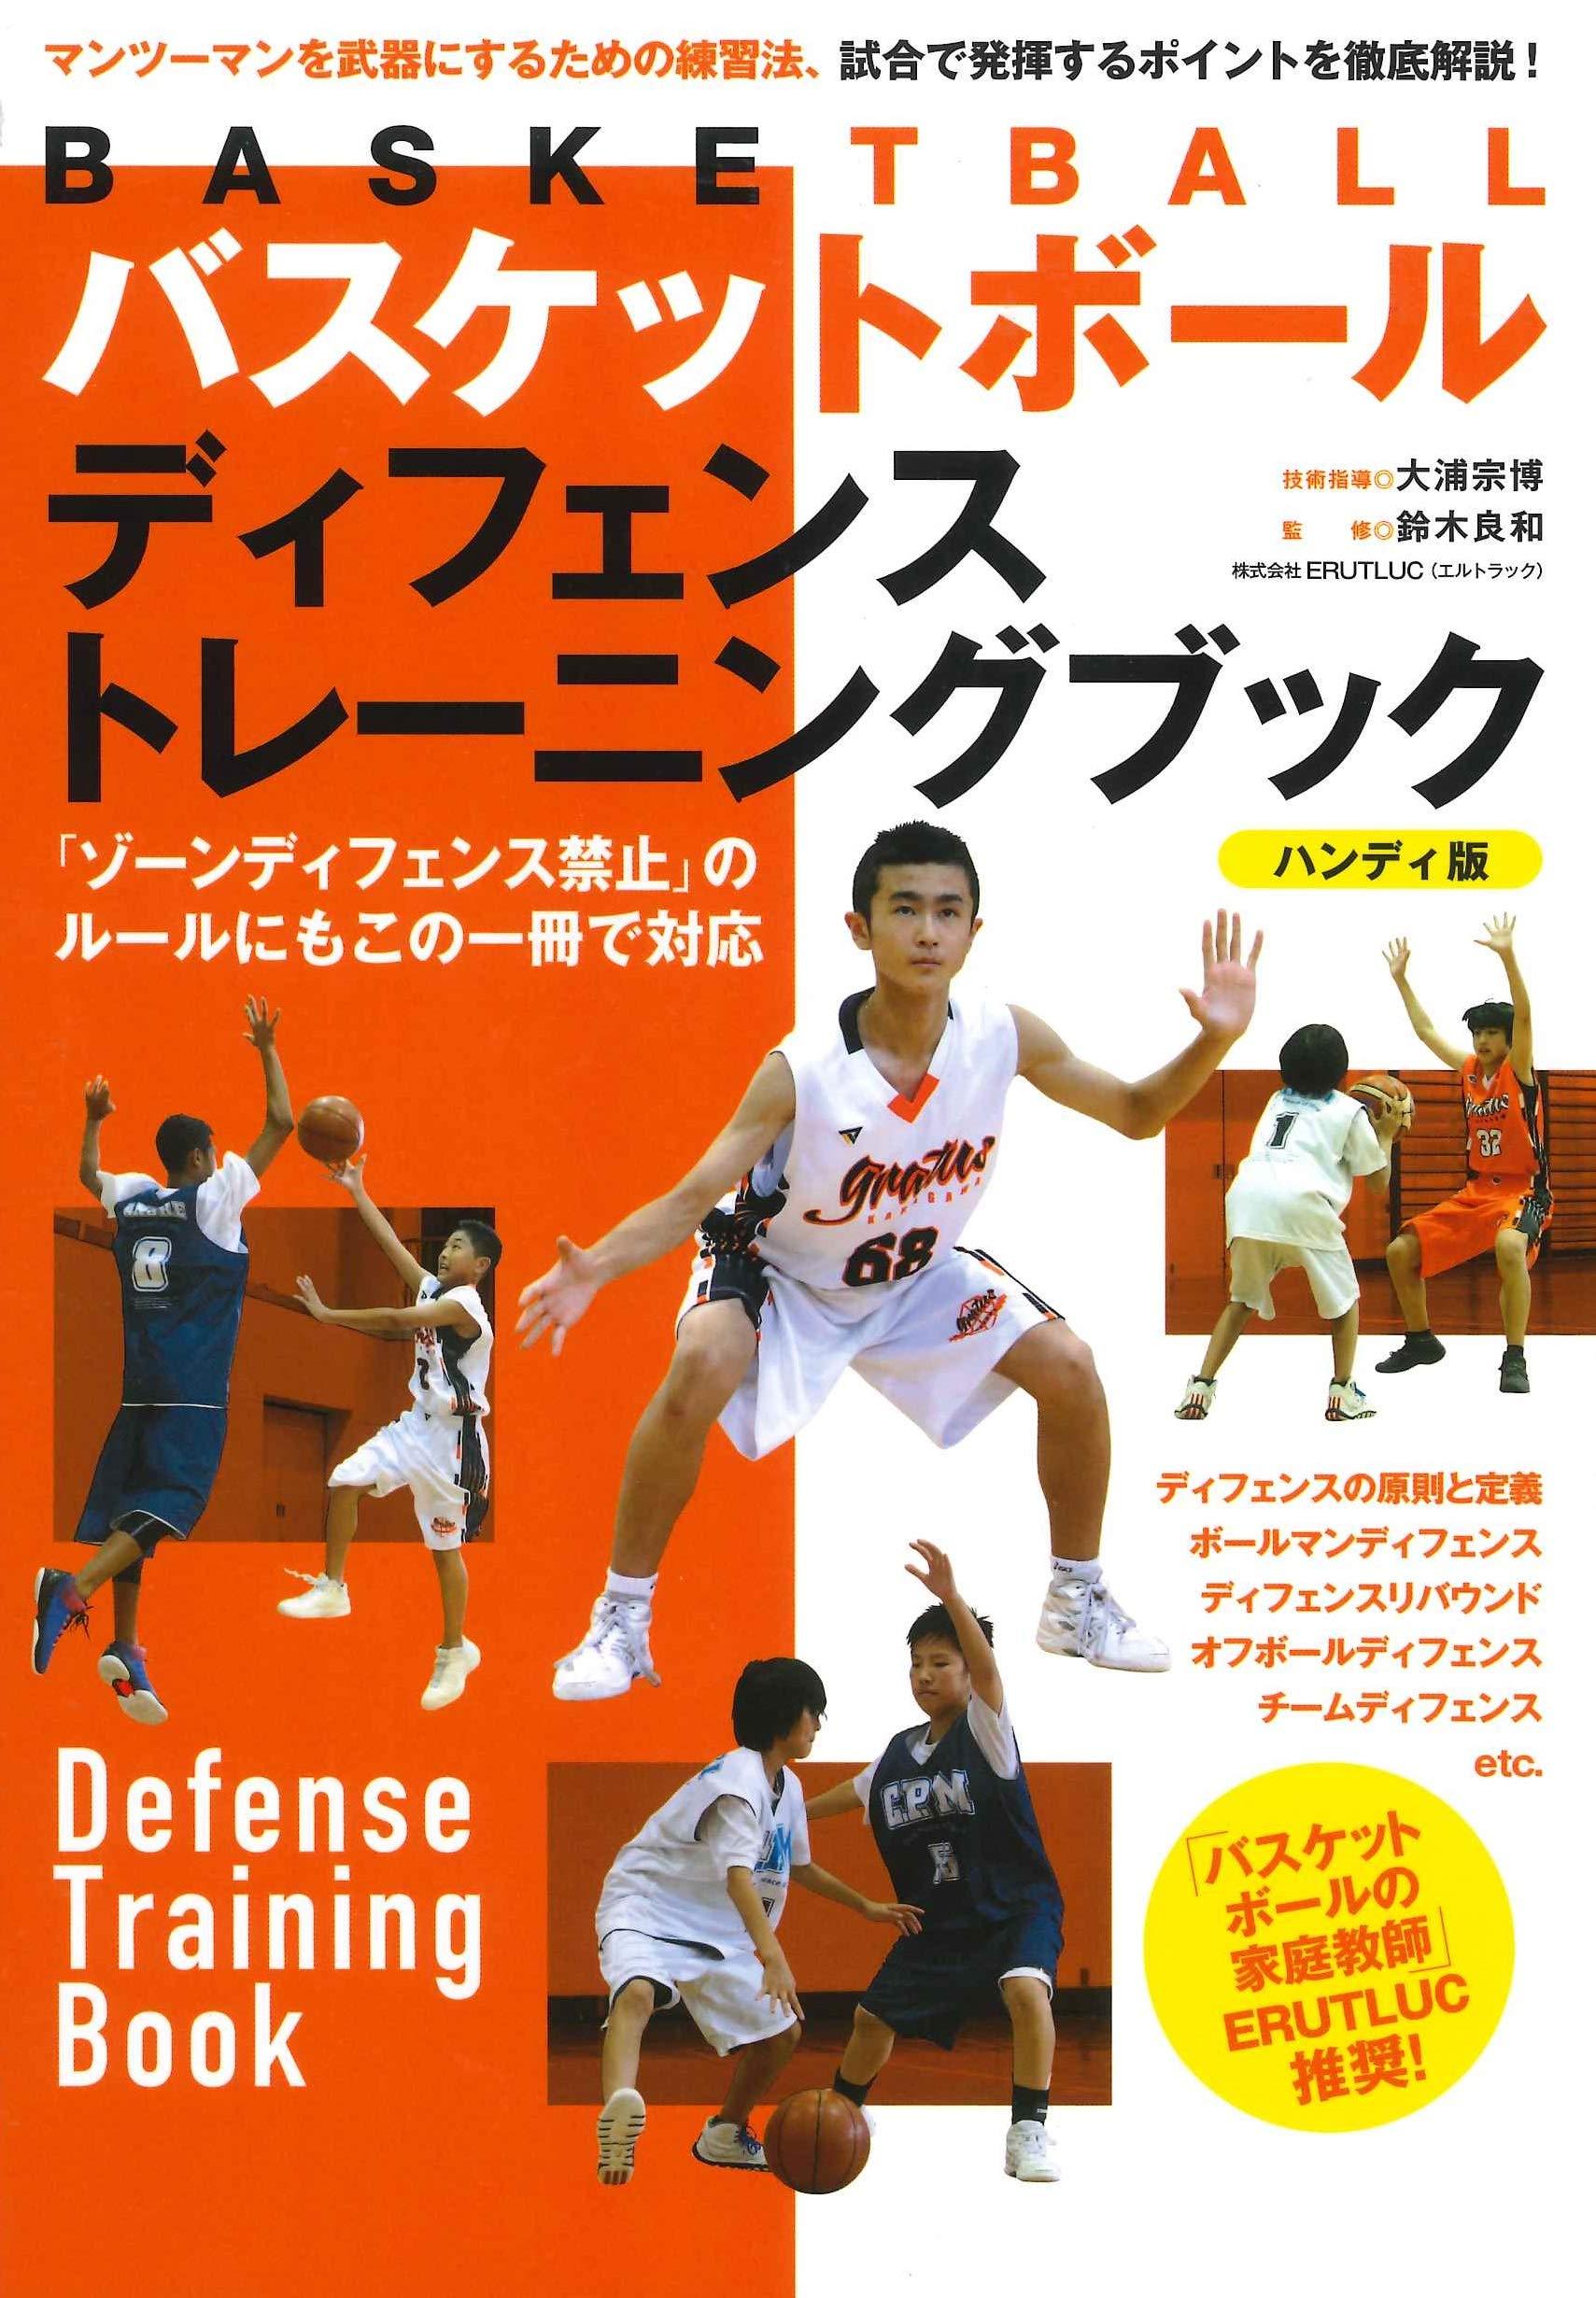 バスケットボール ディフェンストレーニングブック